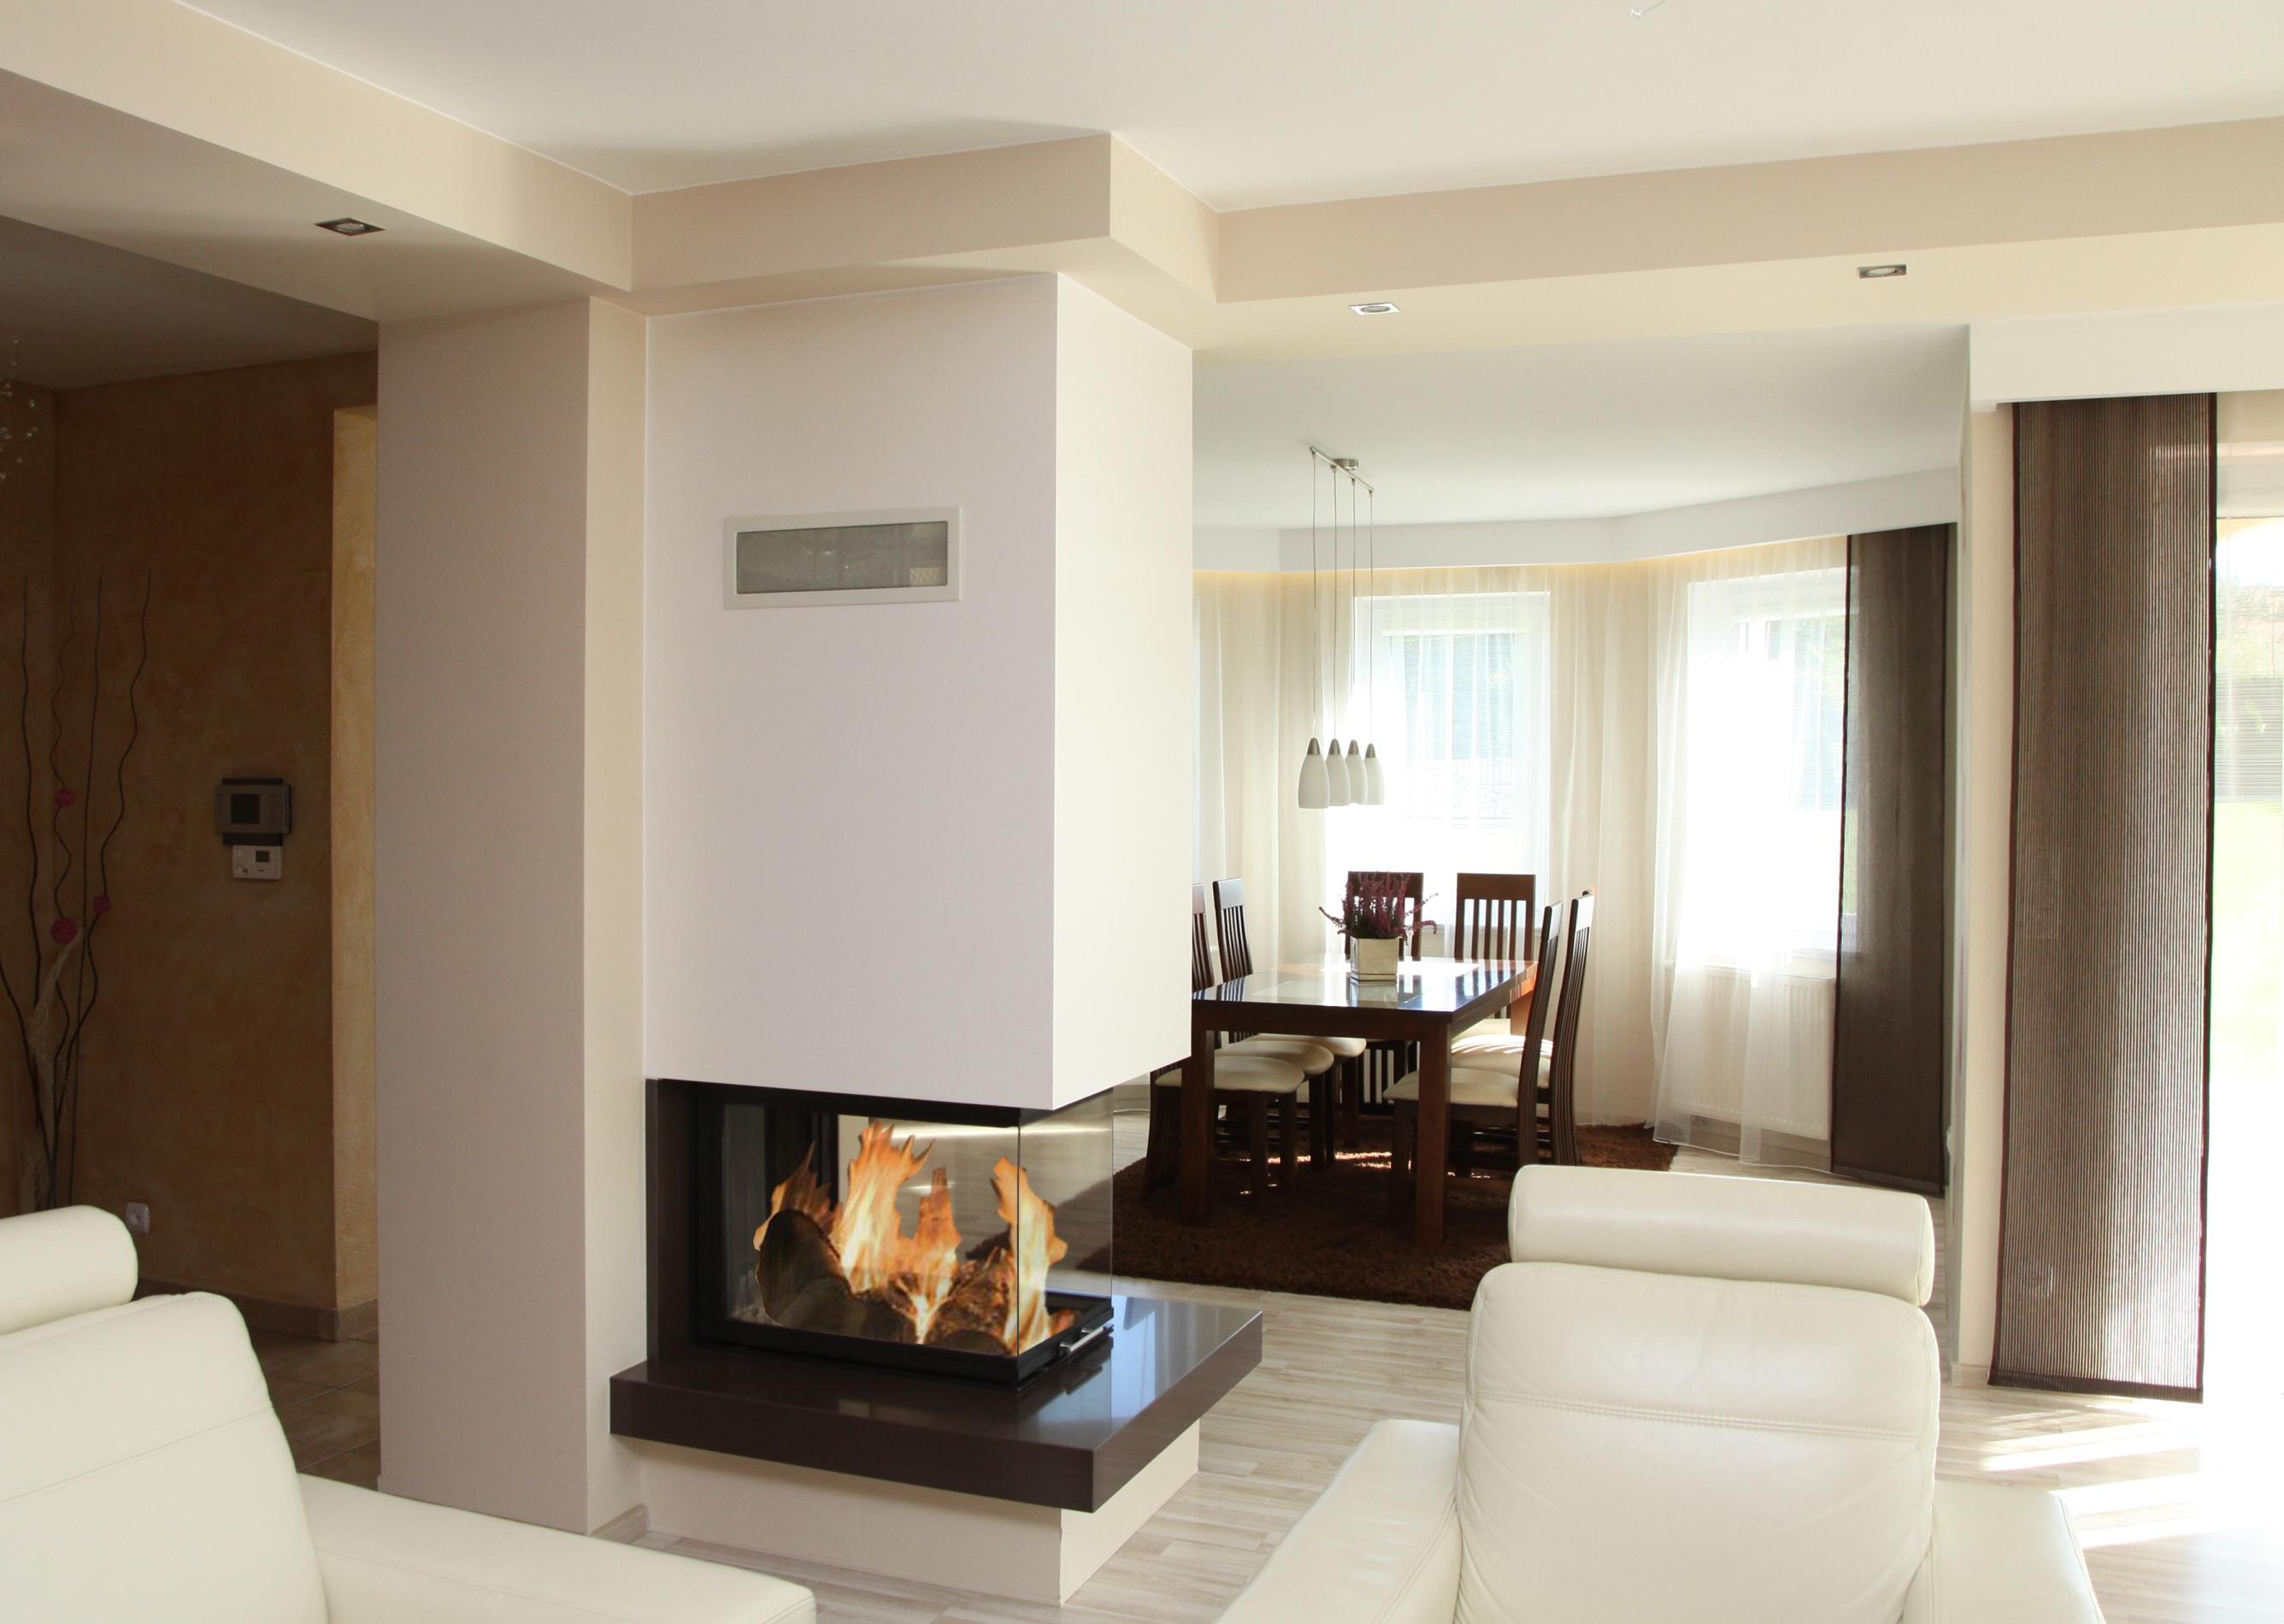 dreiseitiger moderner kamin c 08 mit montage. Black Bedroom Furniture Sets. Home Design Ideas